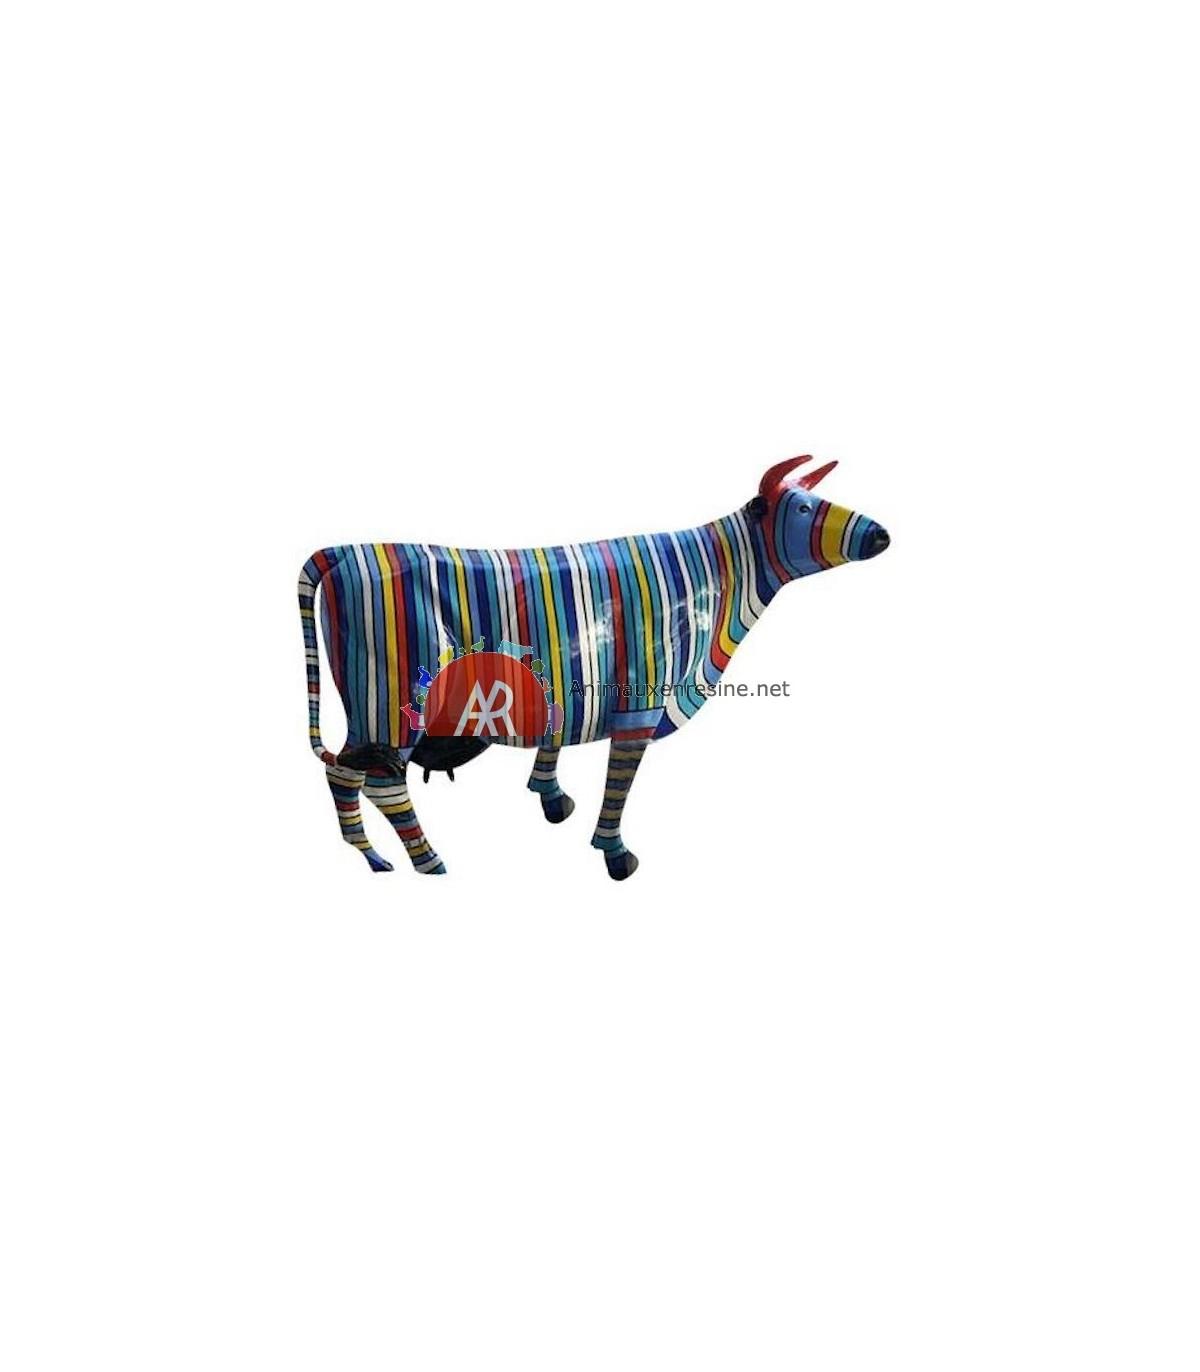 Vache En Resine Pour Jardin En Résine Multicolore Xxl destiné Nain De Jardin Fuck